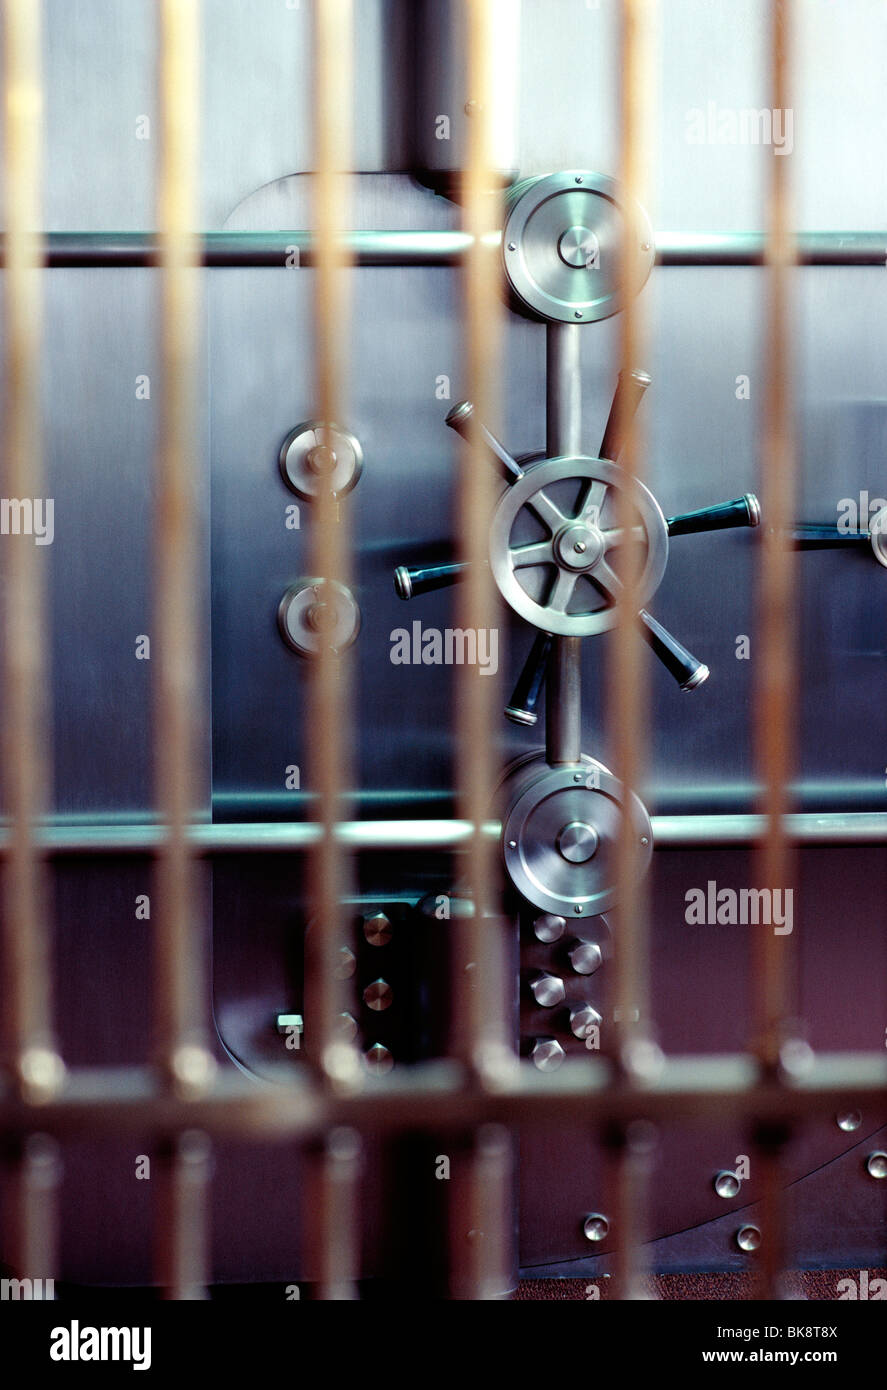 View through steel bars of a bank vault door - Stock Image